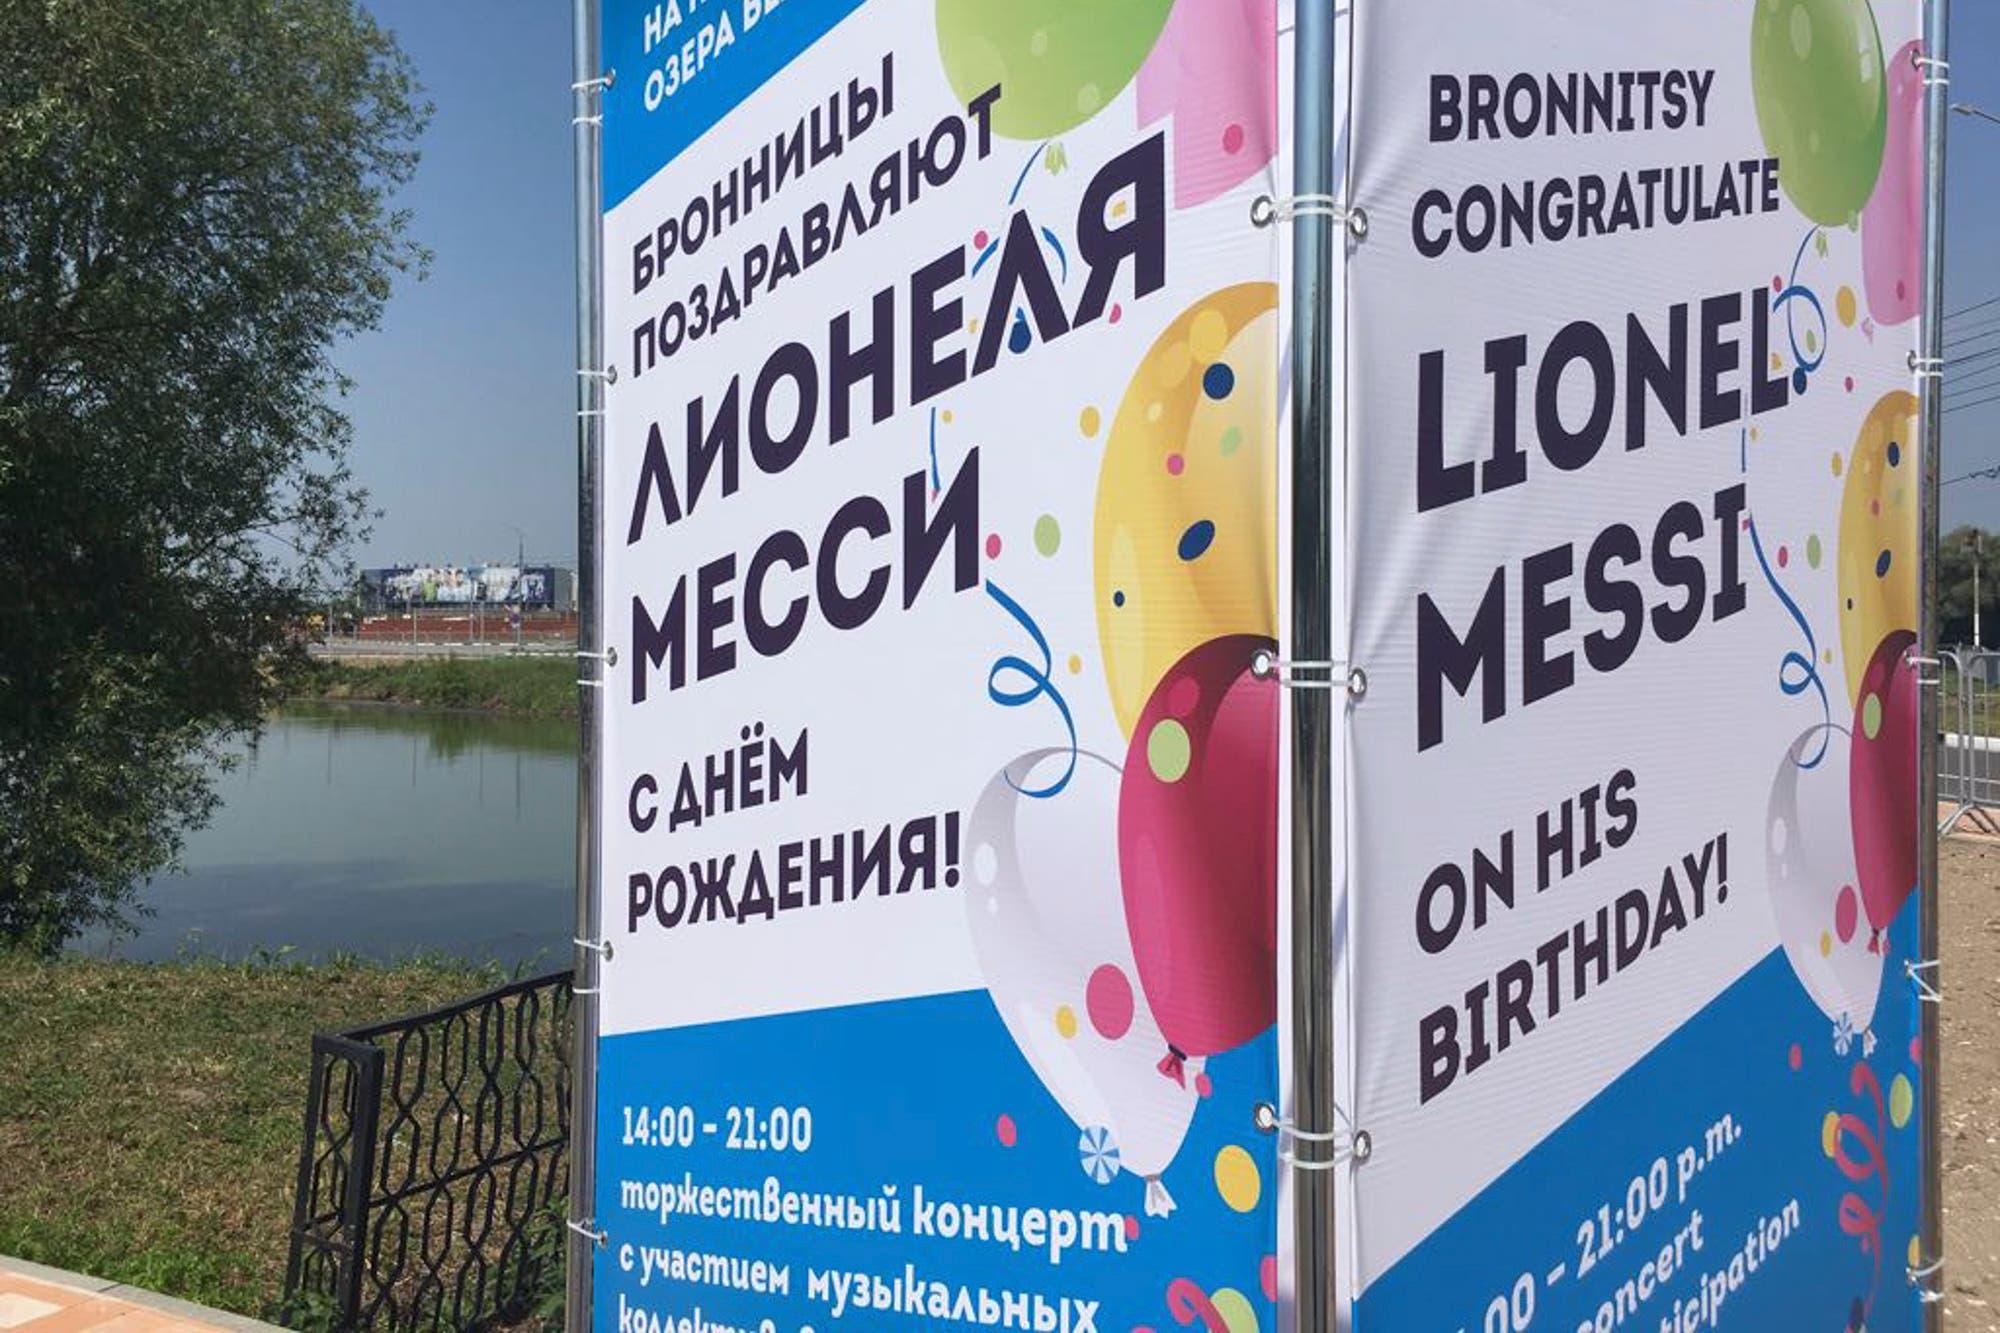 """Bronnitsy prepara el """"Messipalooza"""": así será el festival para celebrar el cumpleaños del capitán de la selección"""